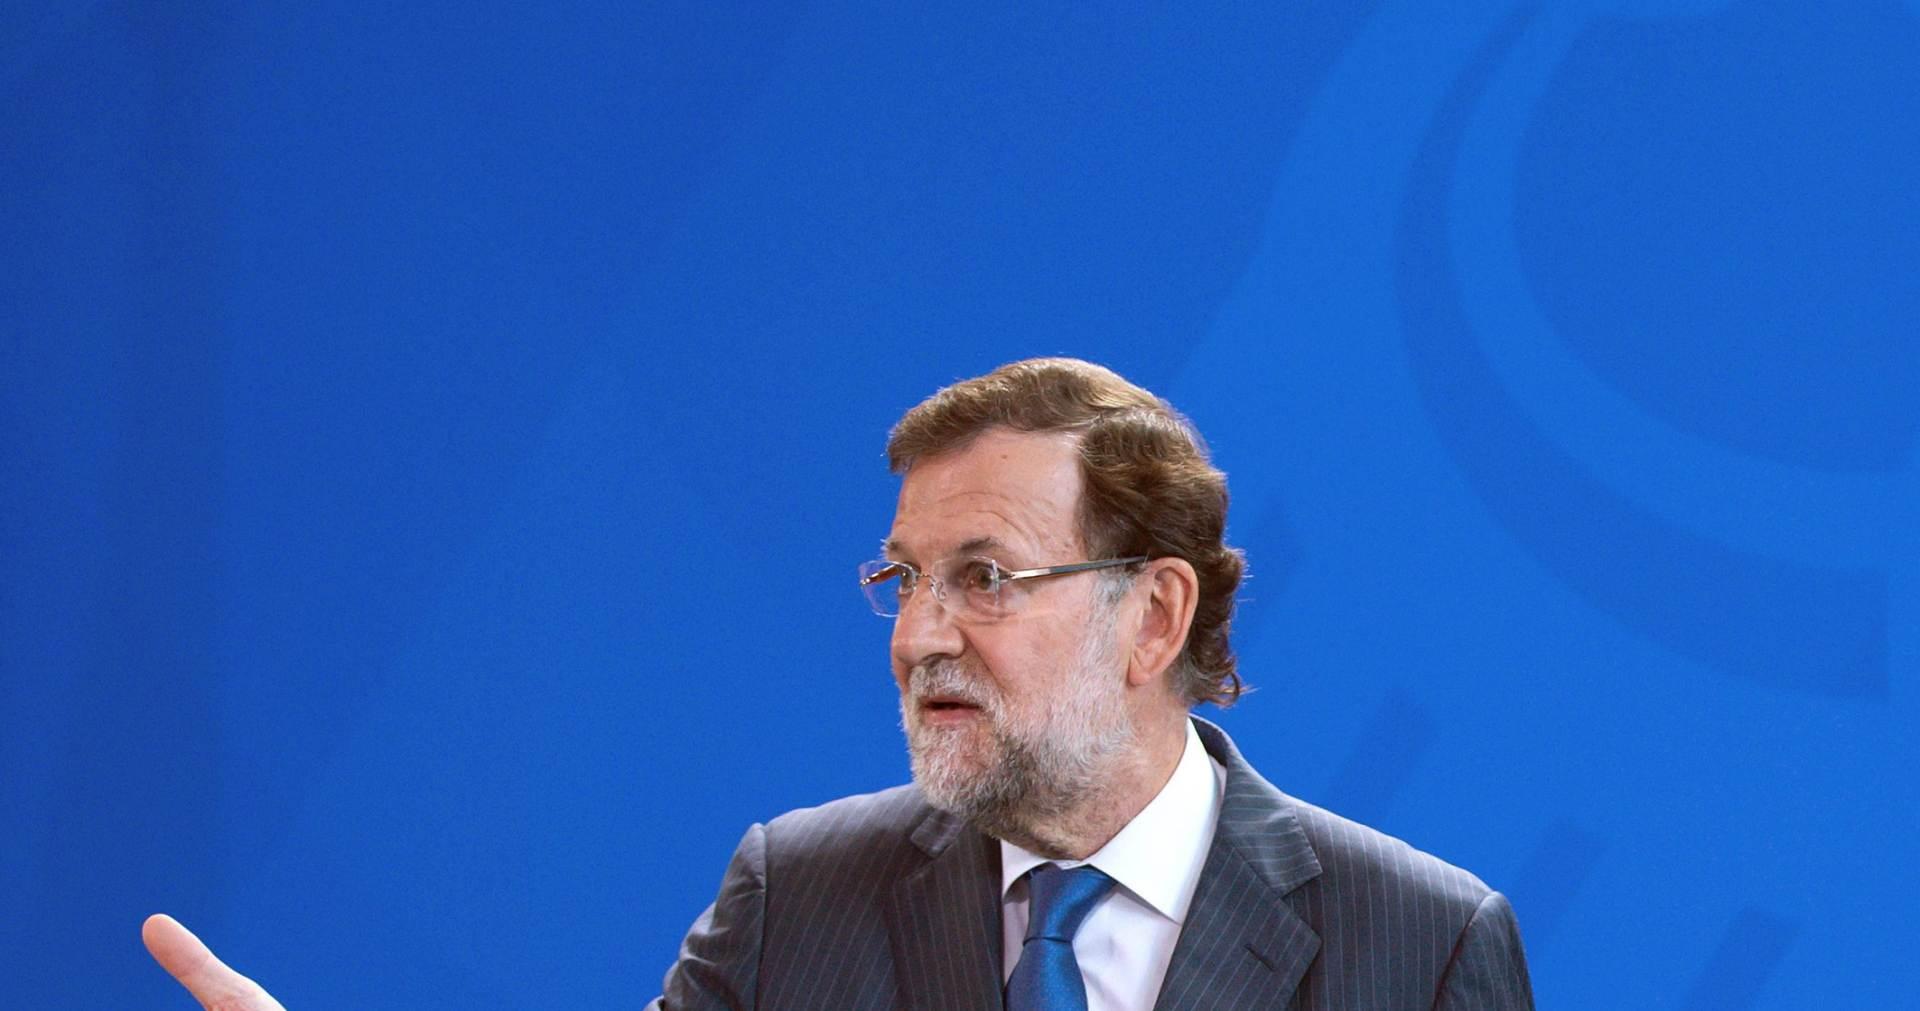 ŠPANJOLSKI PREMIJER: Rajoy: Izbjeglička kriza je najveći izazov za Europu u narednom razdoblju